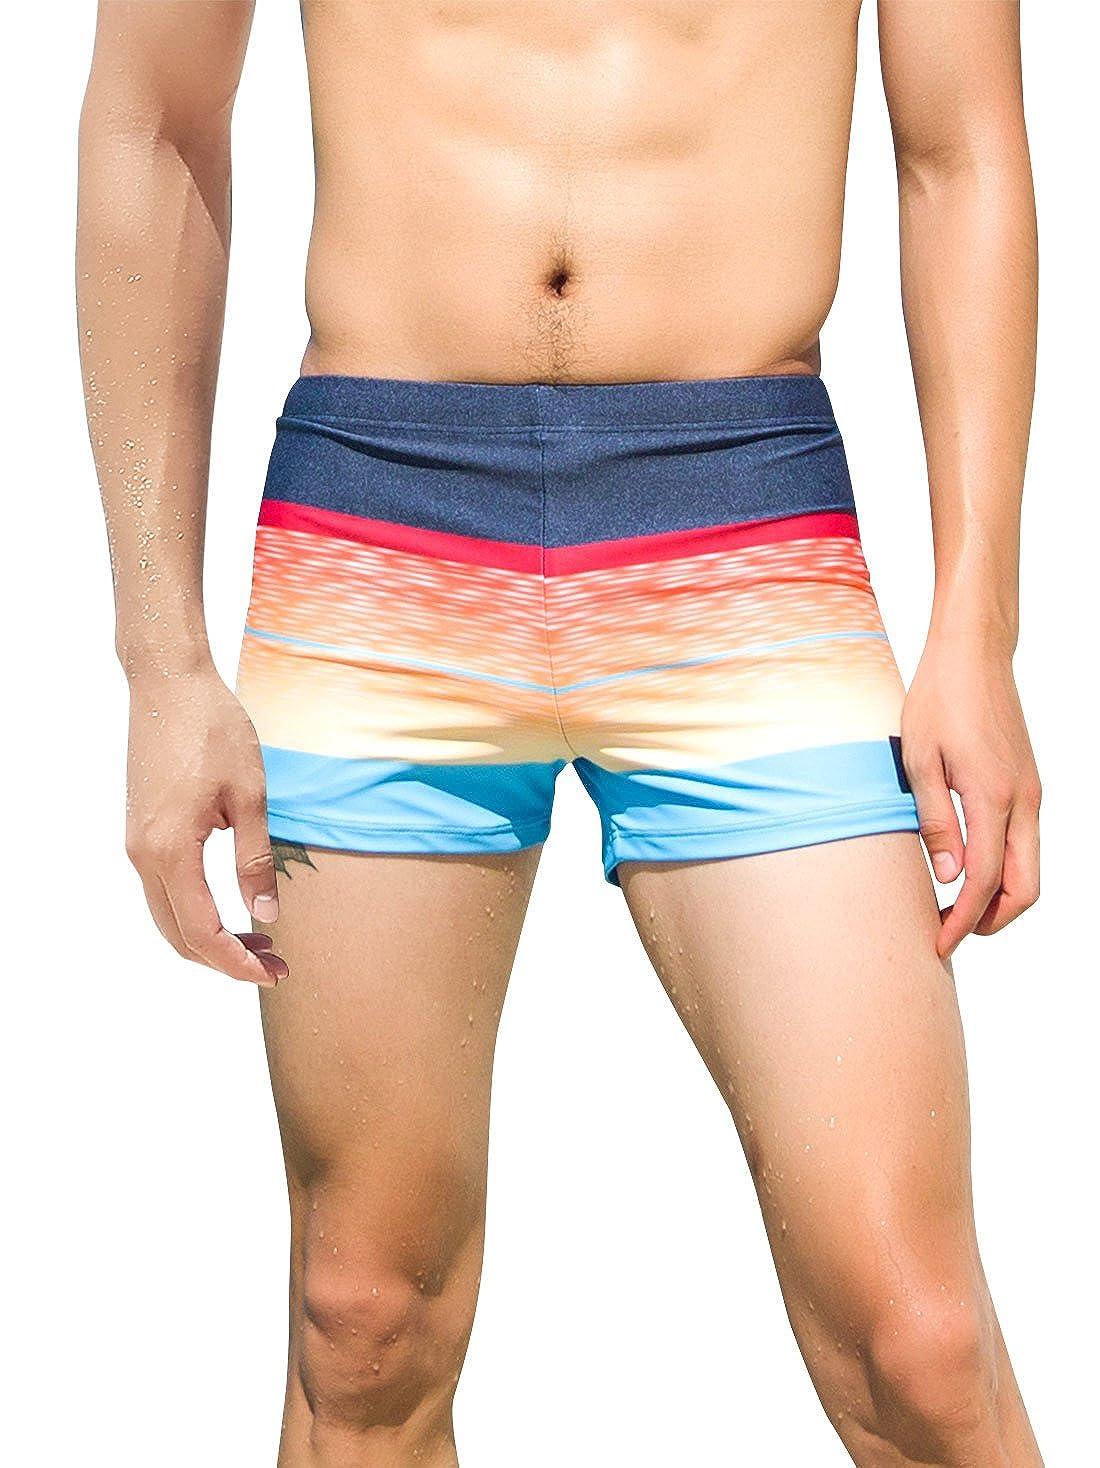 SANQI Traje de Baño Verano Bañador Elástico para Hombre Playa Surf Viaje Pantalones de Natación con Estampado - Multicolor 4